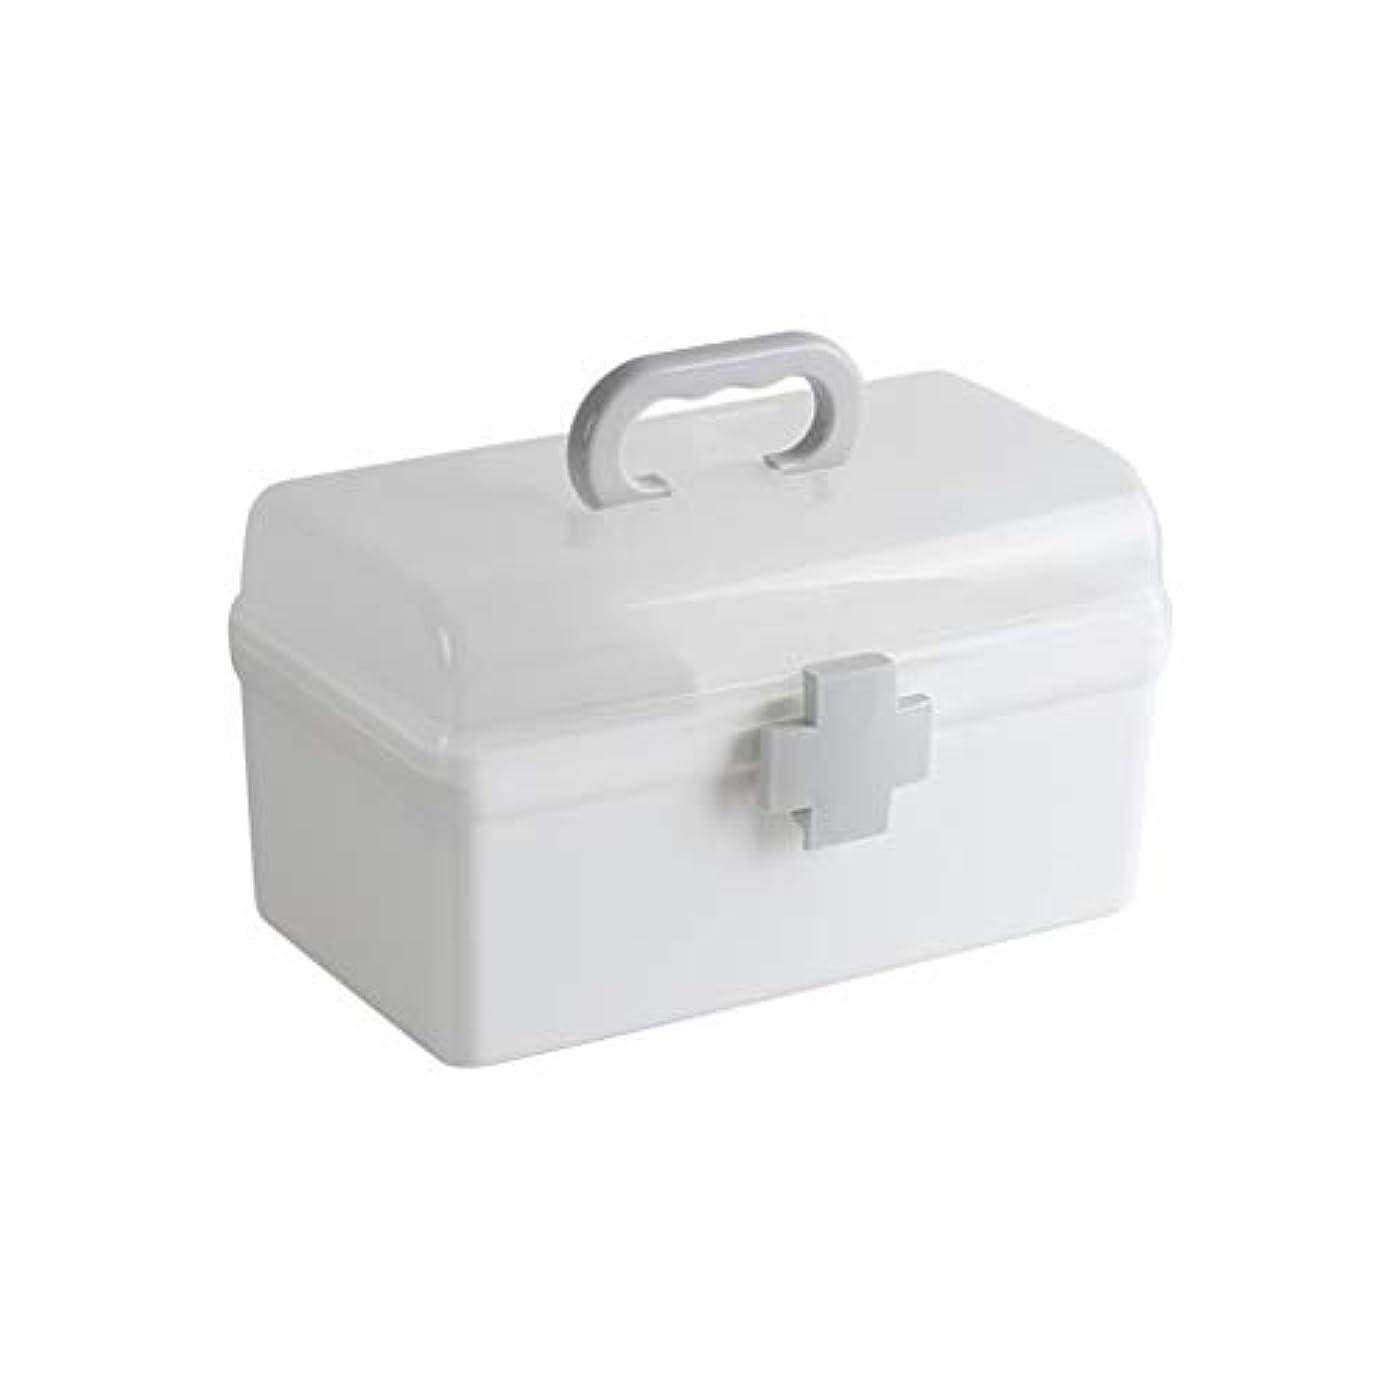 薬箱家庭用家族収納ボックス小さなプラスチック多層子供の薬箱 LIUXIN (Size : 22.5cm×13cm×12.5cm)